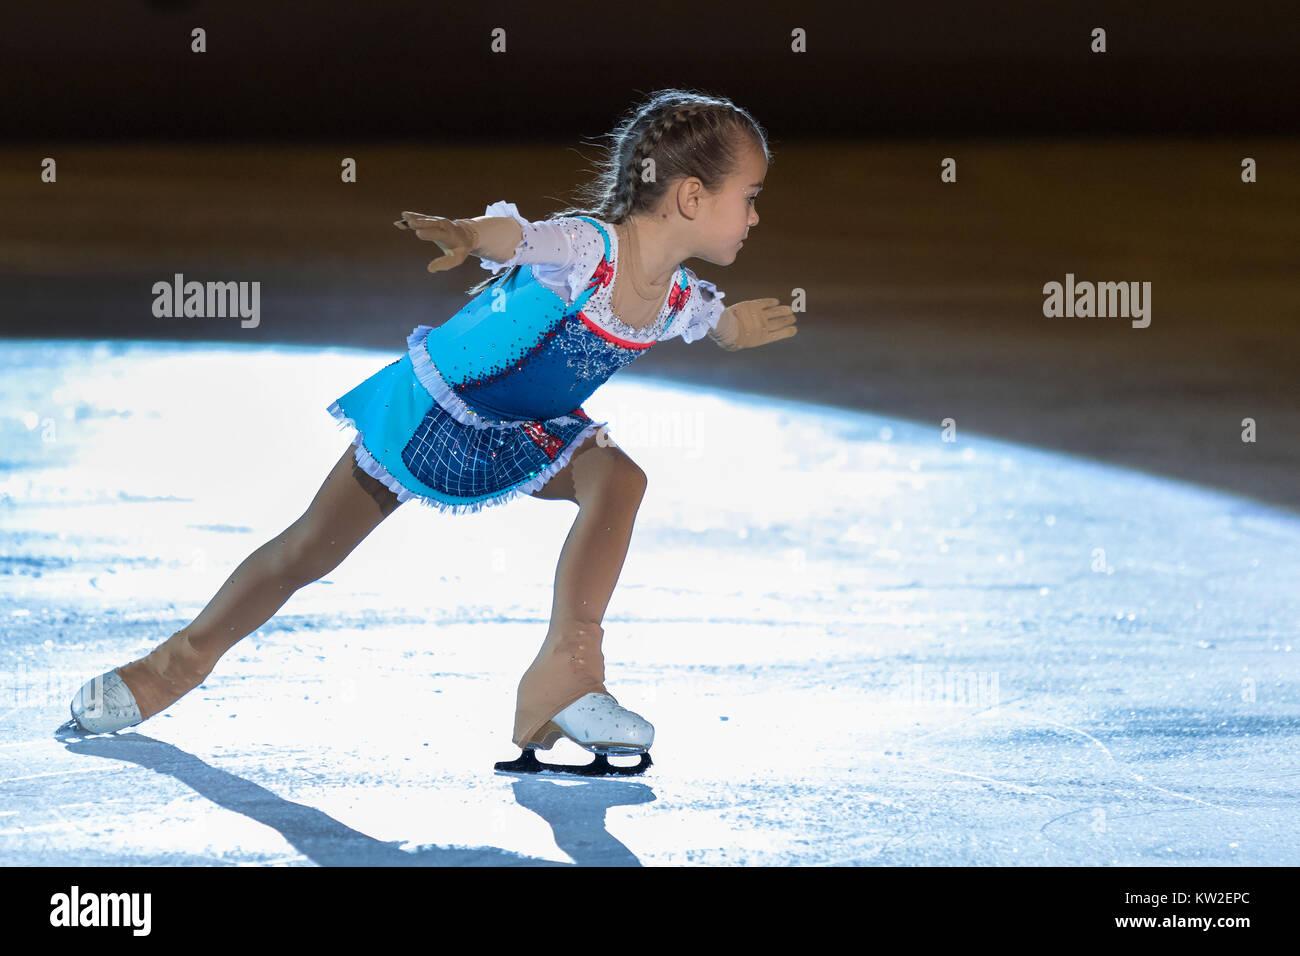 ZAGREB, CROATIA - DECEMBER 09, 2017: Figure skating competition Golden Spin of Zagreb 2017 gala. Gita Žitkovi?? - Stock Image